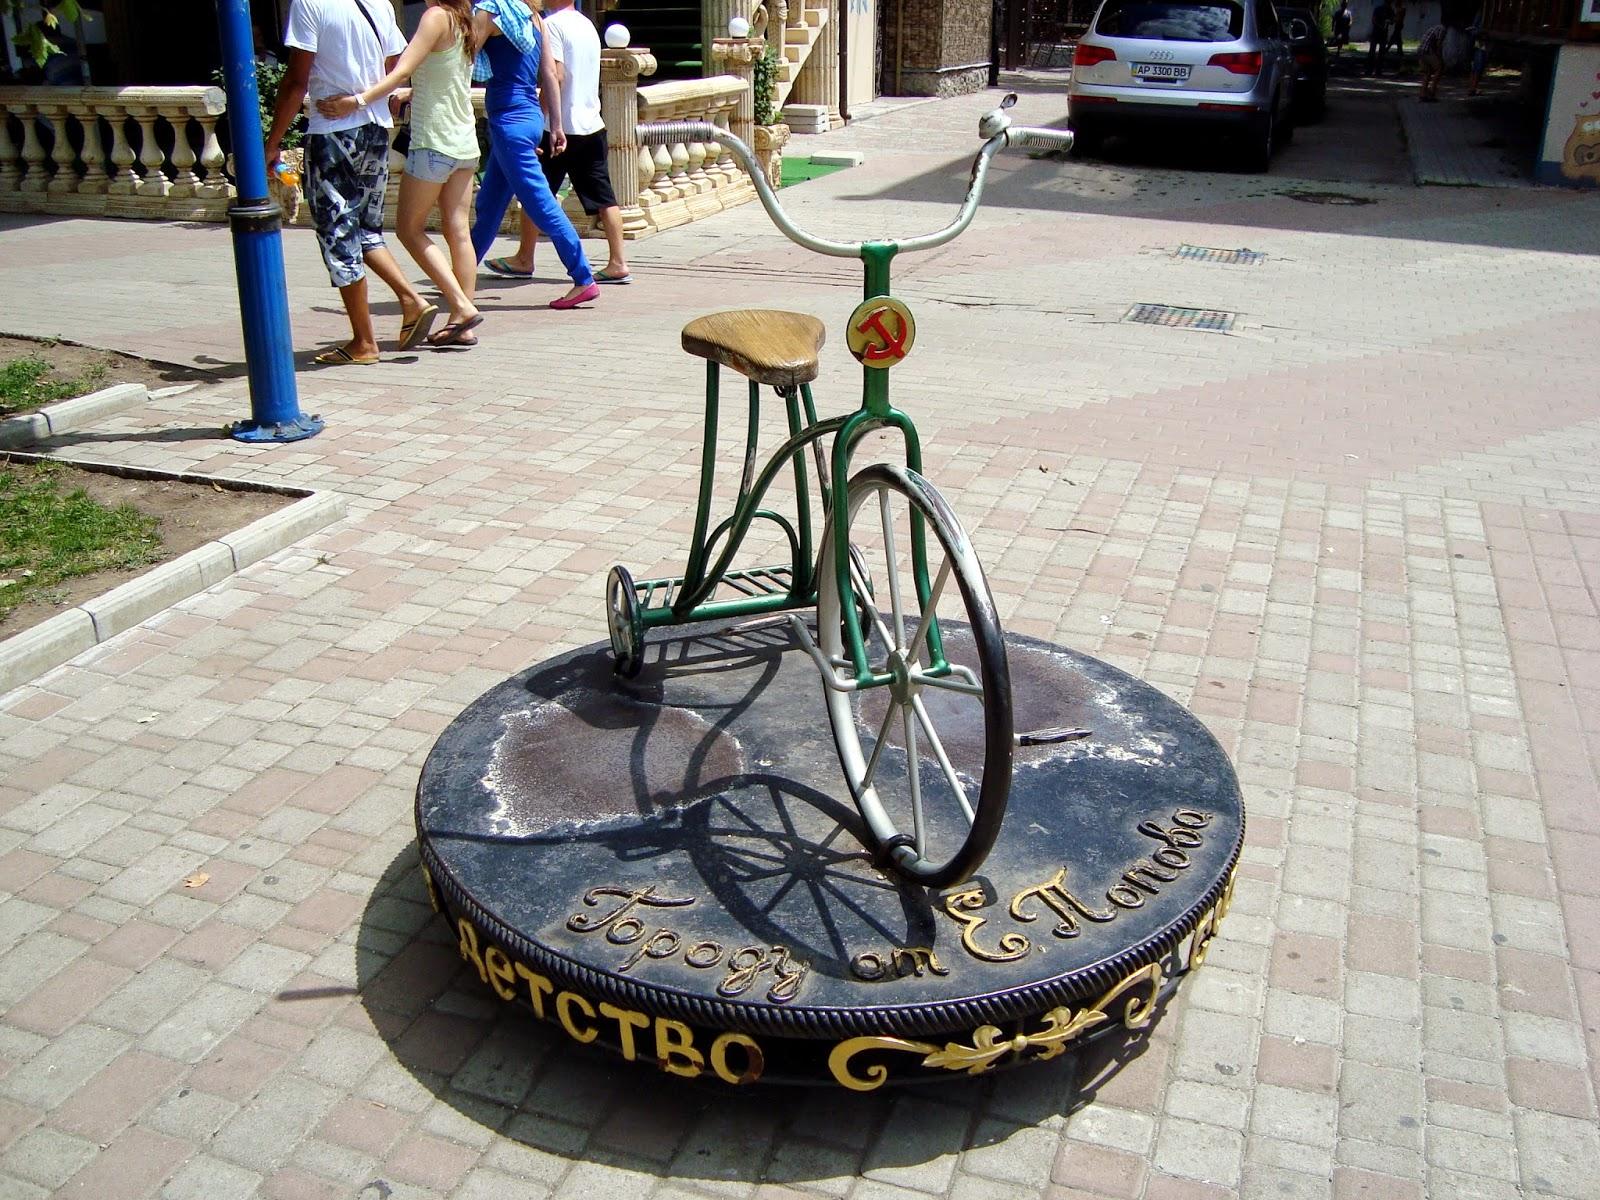 искусство, которое памятник велосипеду бердянск фото уже говорил, едем